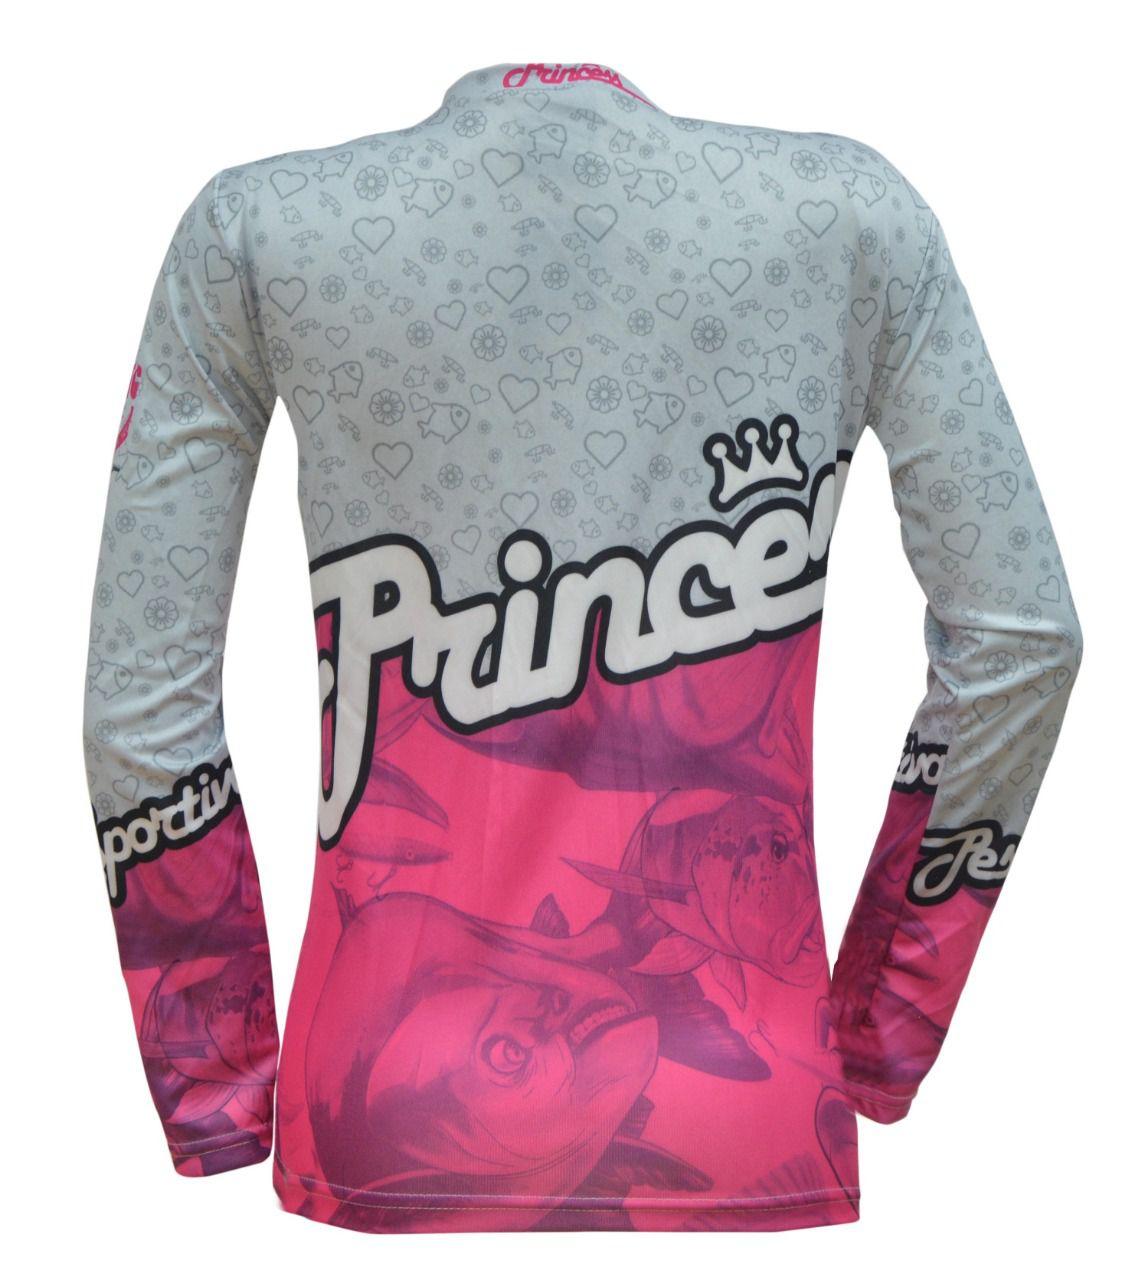 Camiseta De Pesca Feminina King Proteção Solar Uv KFF72 - Princess  - Life Pesca - Sua loja de Pesca, Camping e Lazer